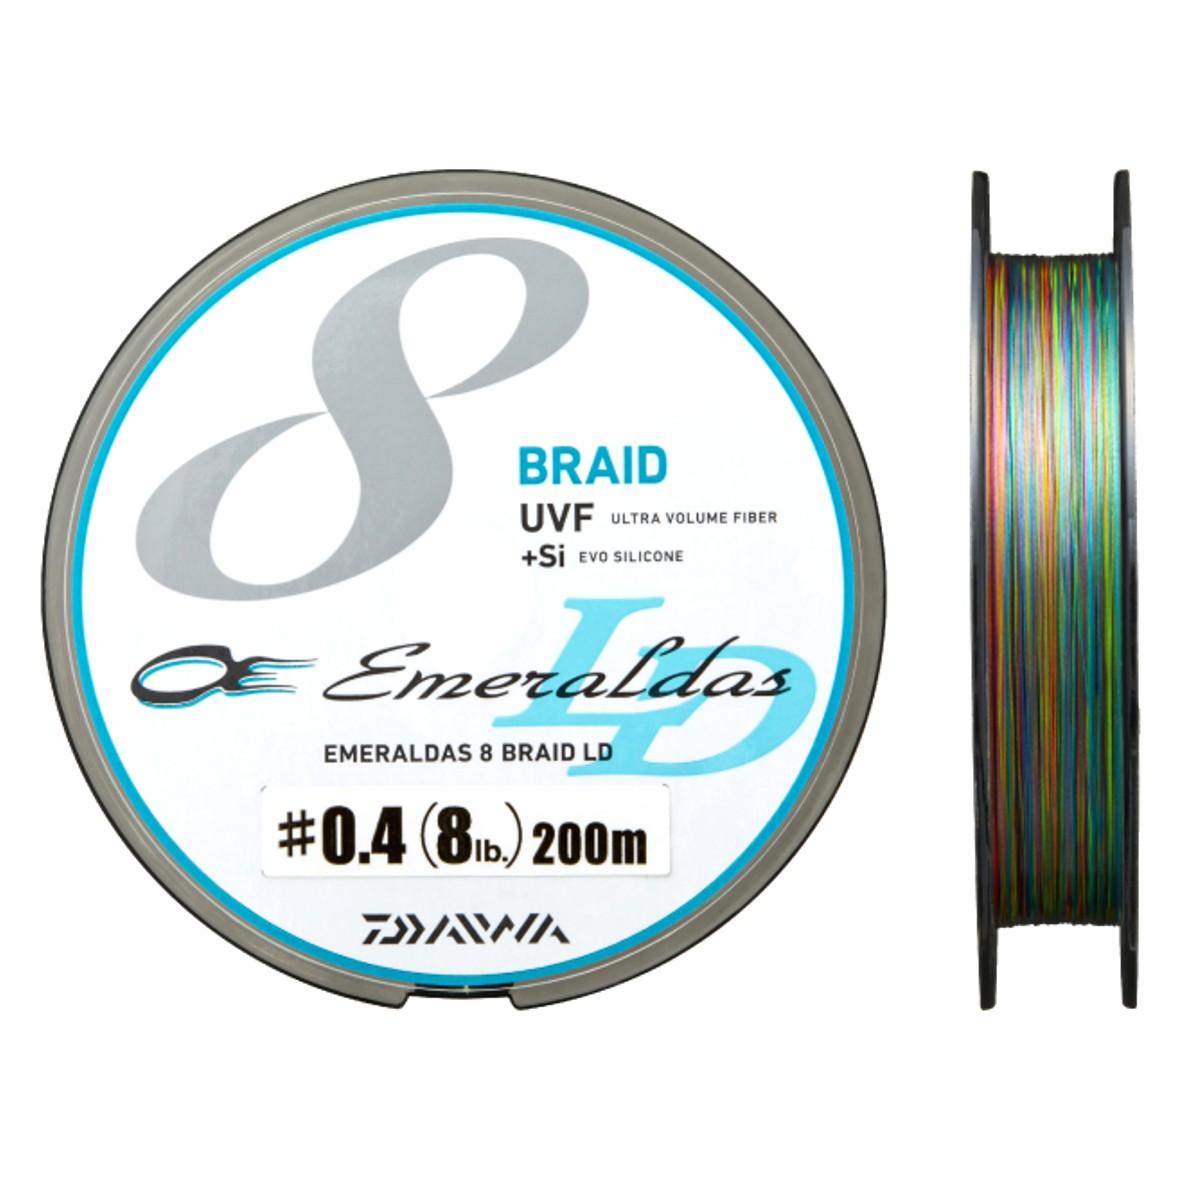 ダイワ(Daiwa) UVF エメラルダスセンサー 8ブレイドLD+Si 200m 0.4号 ブルー/ピンク/グリーン/パープル/オレンジ